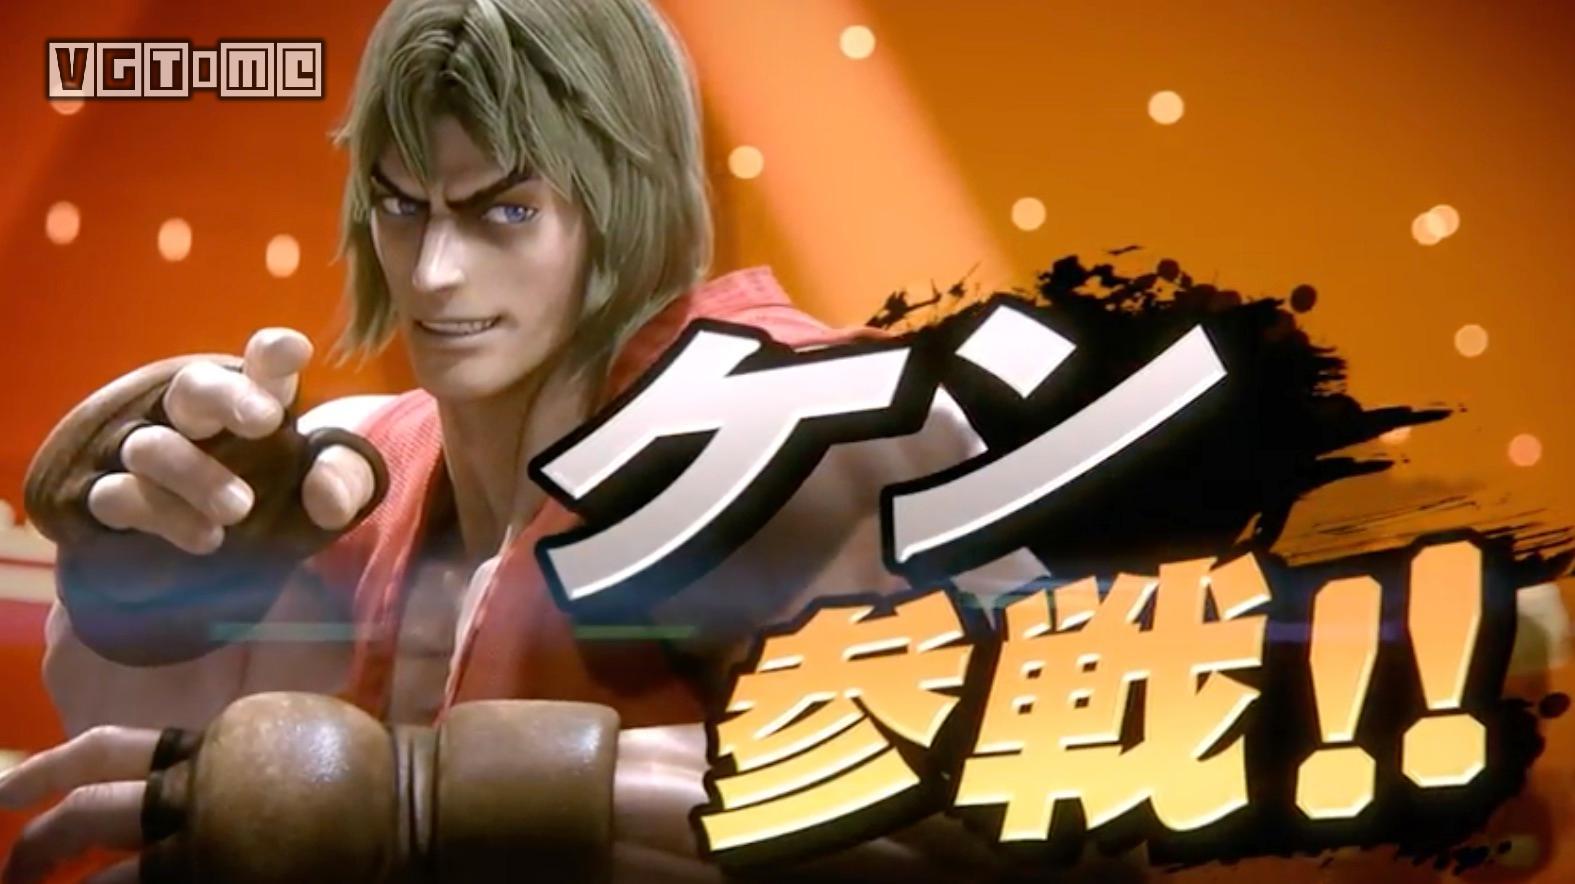 樱井政博:「食人花」将在游戏发售1到2个月后参战